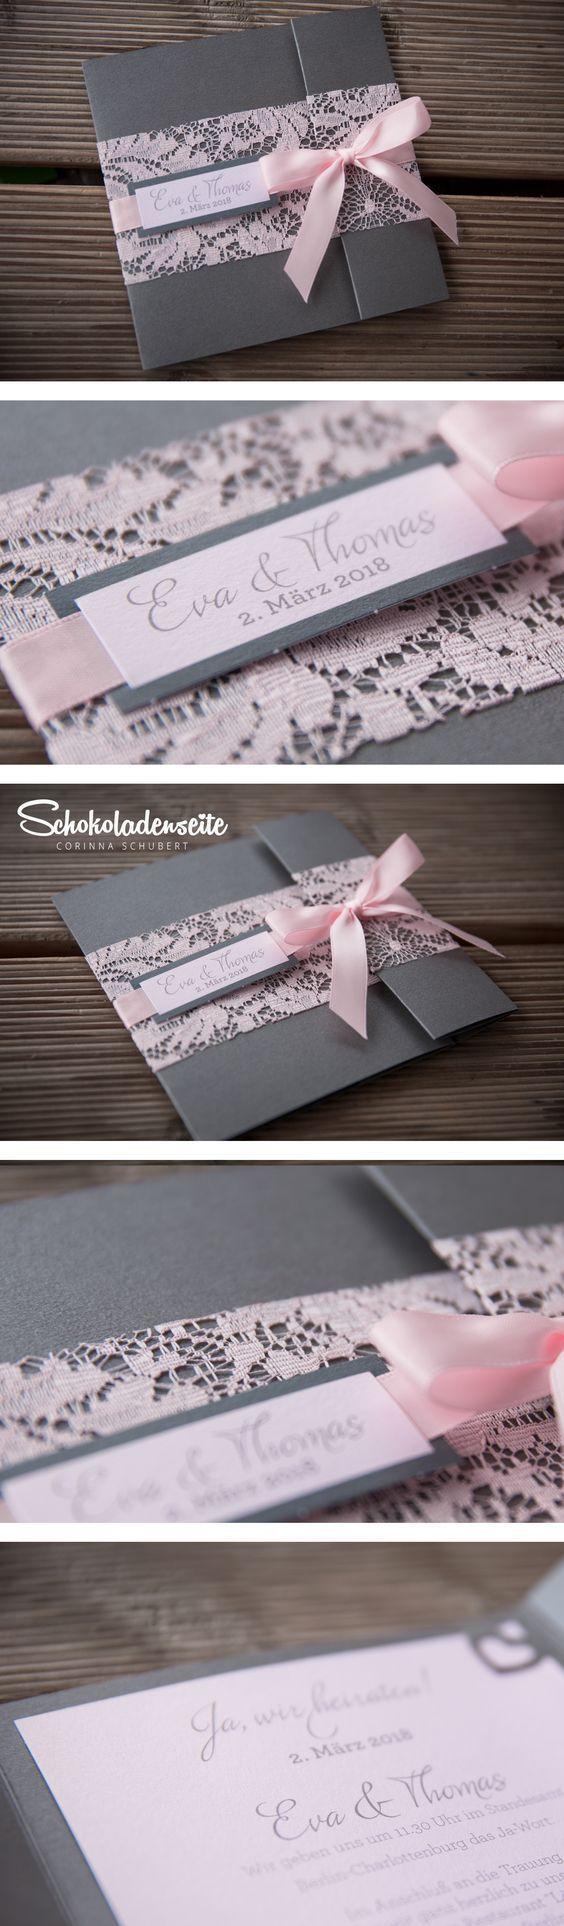 wedding invitation templates in telugu%0A Hallo ihr M  use  hier eine unserer Karten aus dem Shop   u   c  Sie besticht  Wedding  CardsDiy WeddingWedding InvitationsWedding